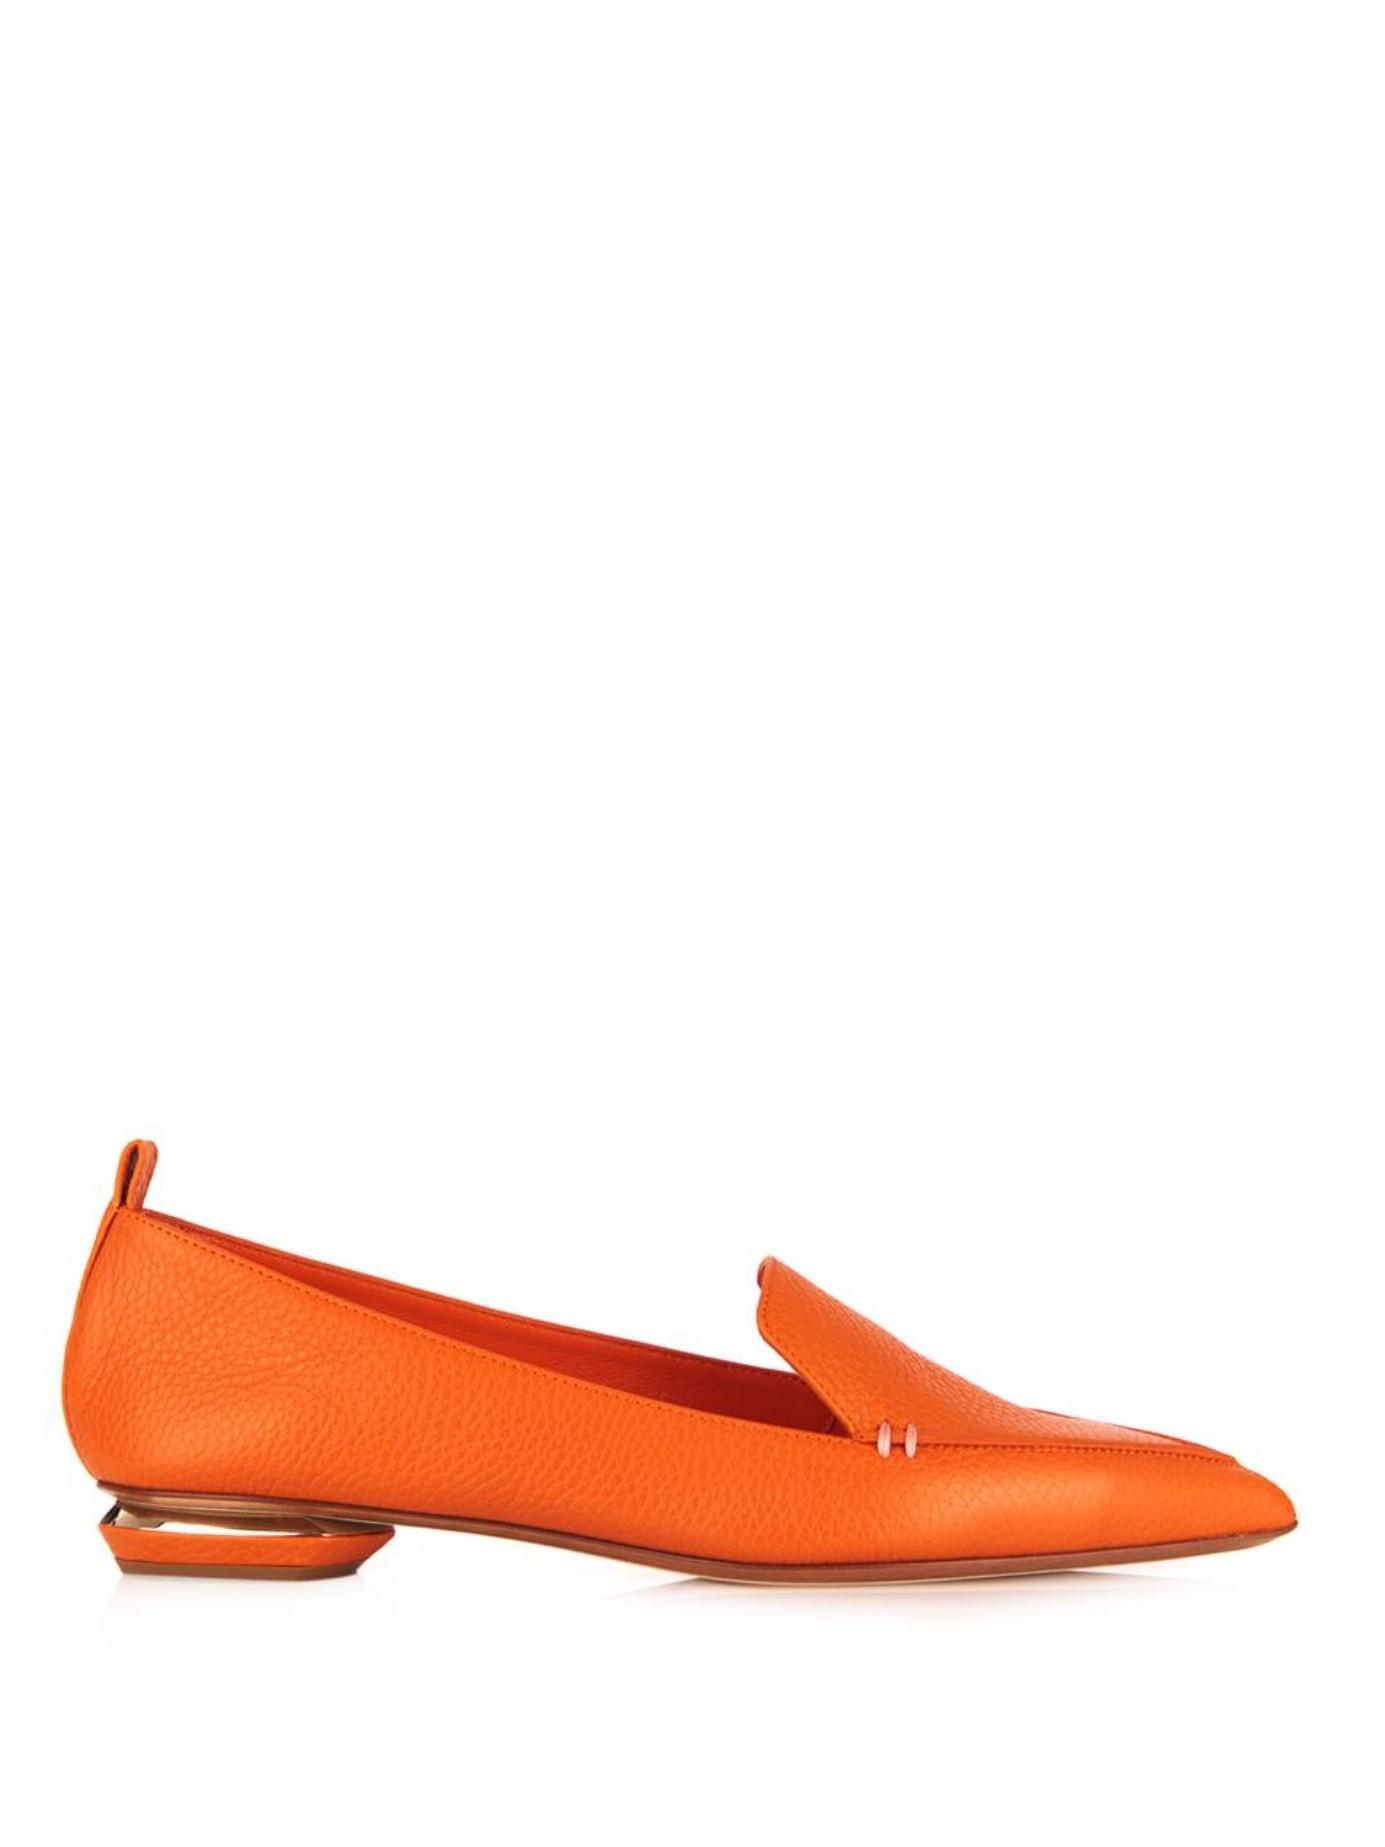 Beya loafers - Yellow & Orange Nicholas Kirkwood qceqHKK